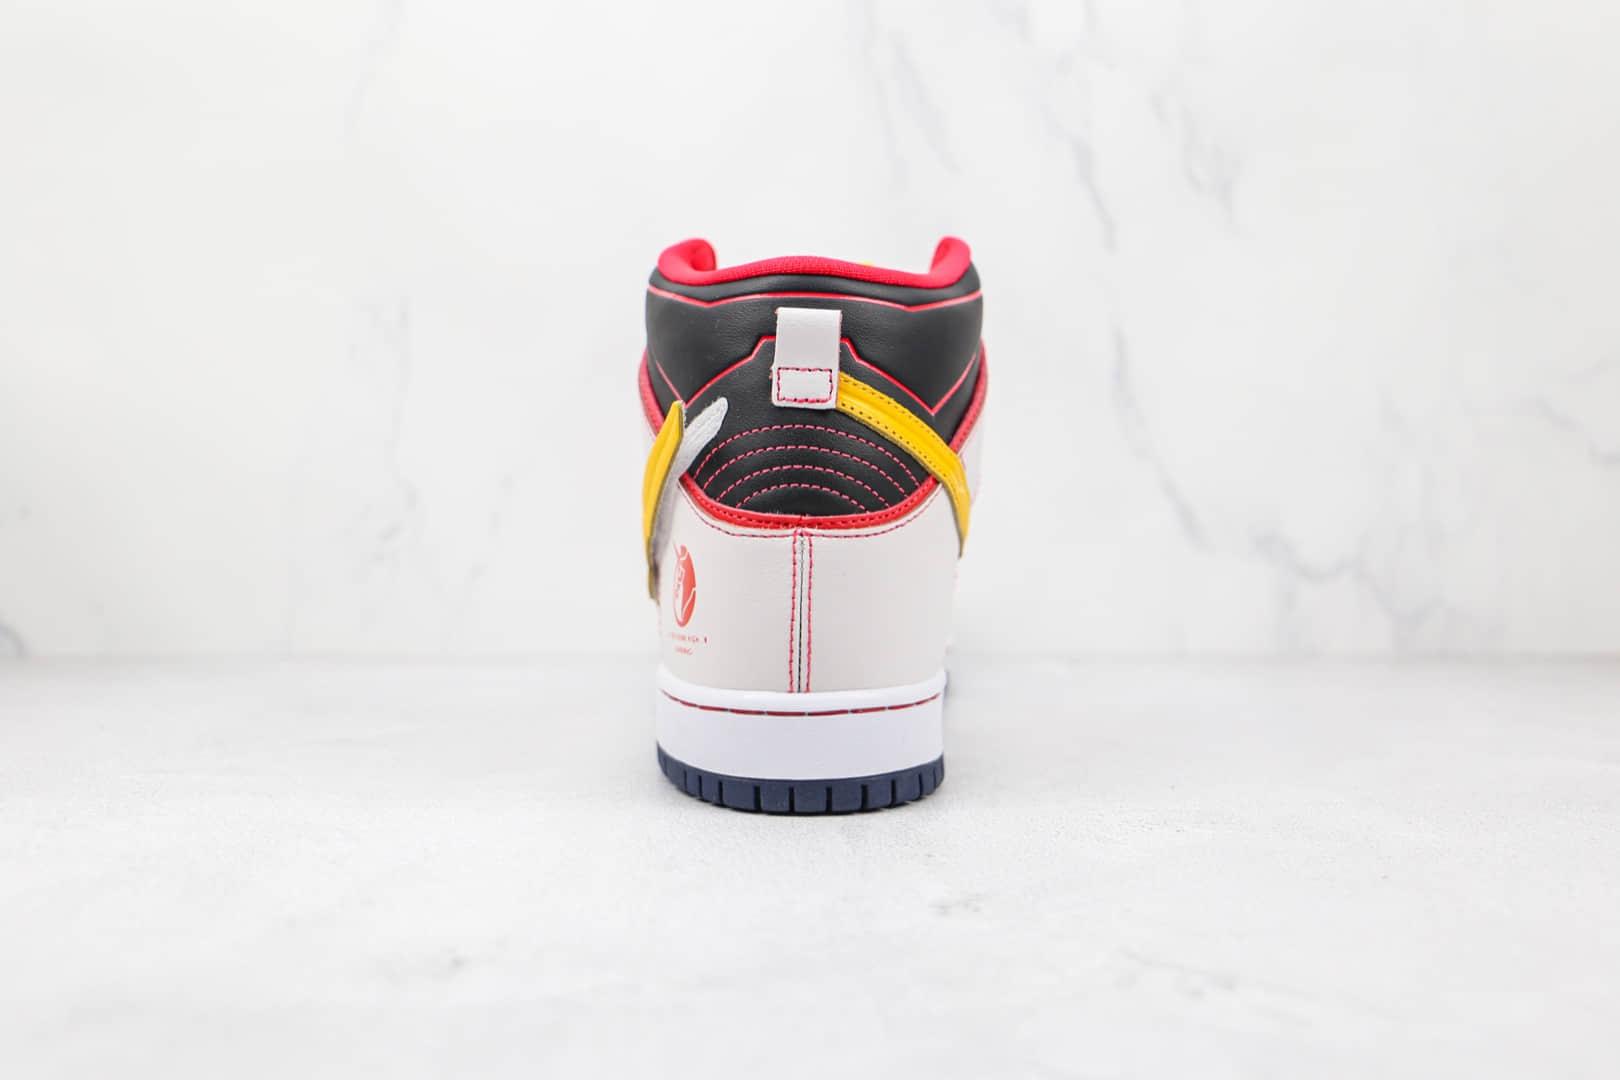 耐克Nike Dunk High Project Unicorn-RX-0 x Gundamx联名款纯原版本高帮SB DUNK白红色独角兽换钩板鞋原档案数据开发 货号:DH7717-100